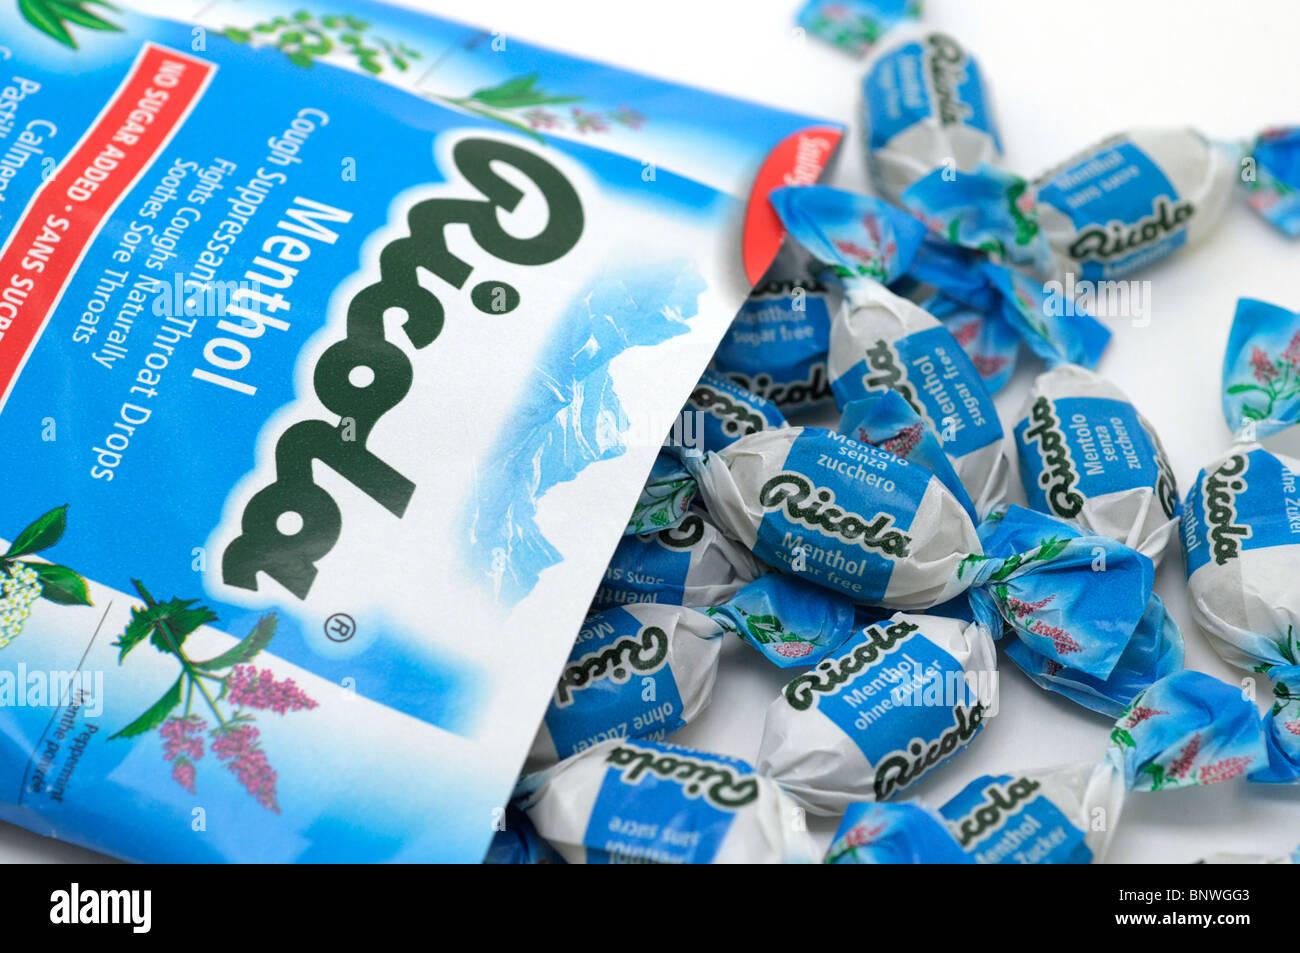 Cough Drops (Lozenges) - Stock Image